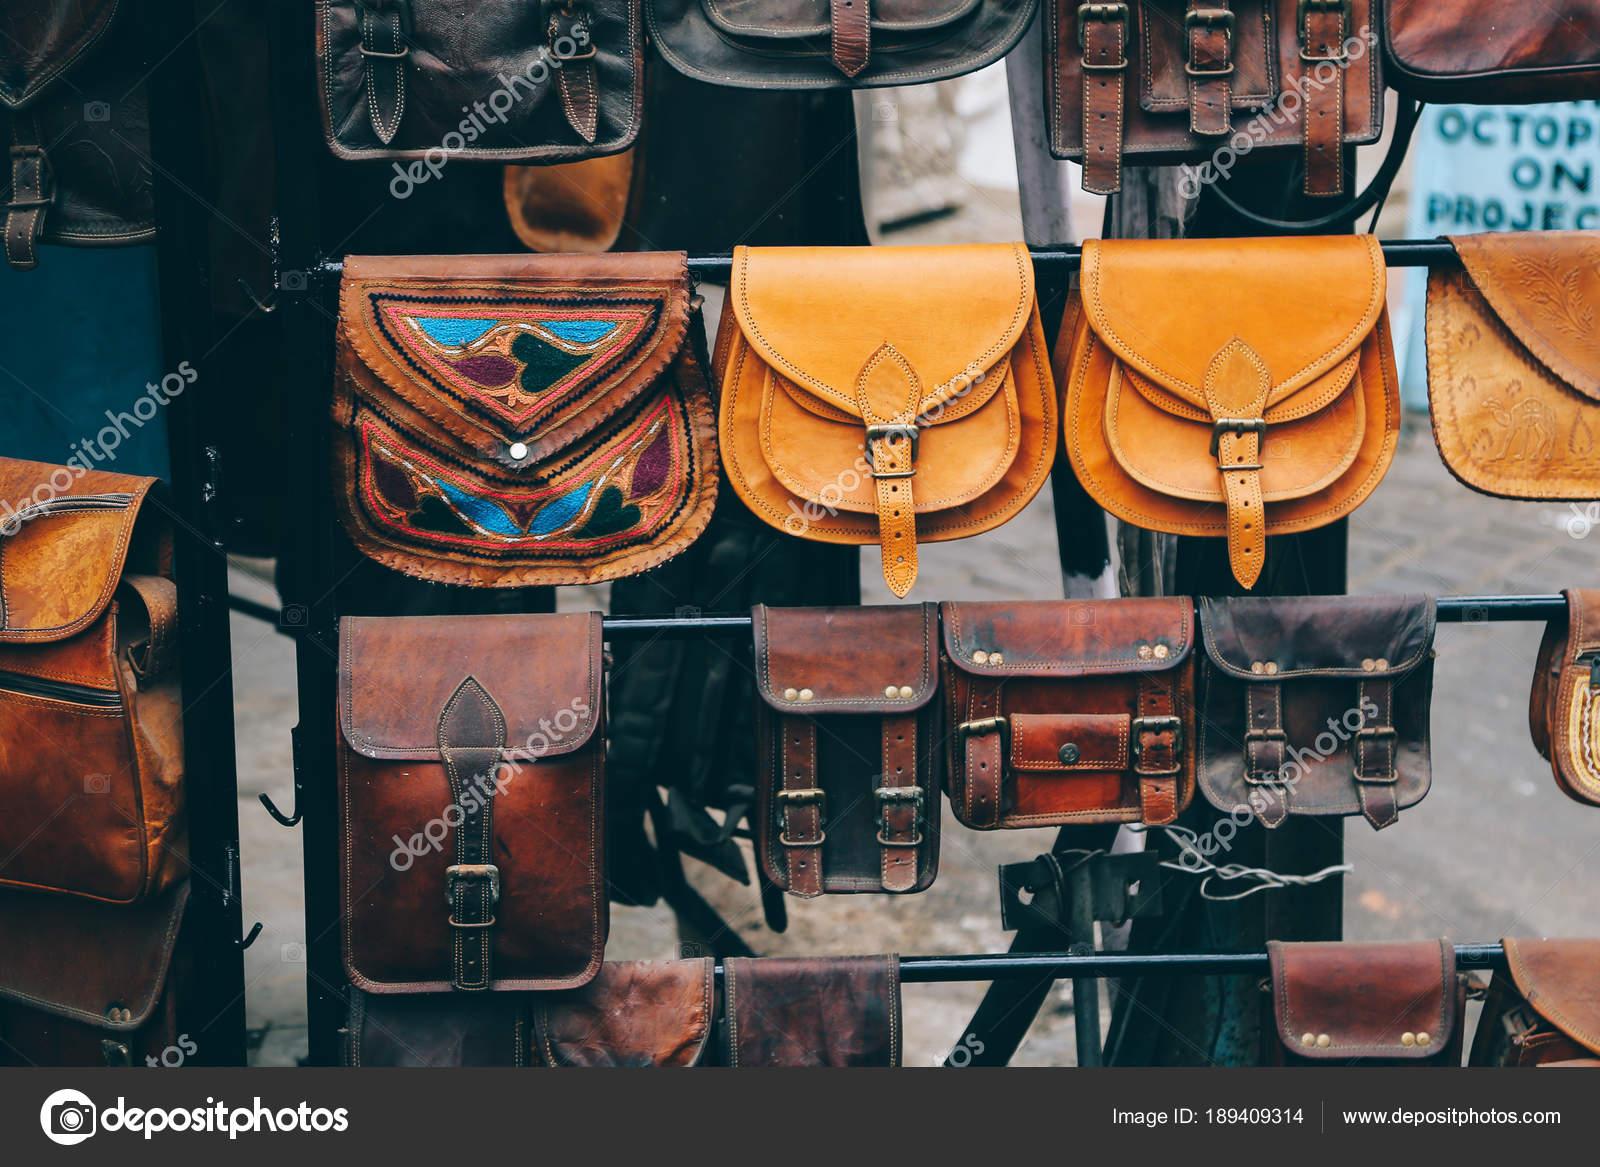 7e9da92606b1 Кожаные сумки в уличный магазин в Удайпуре, Индия– Стоковое изображение